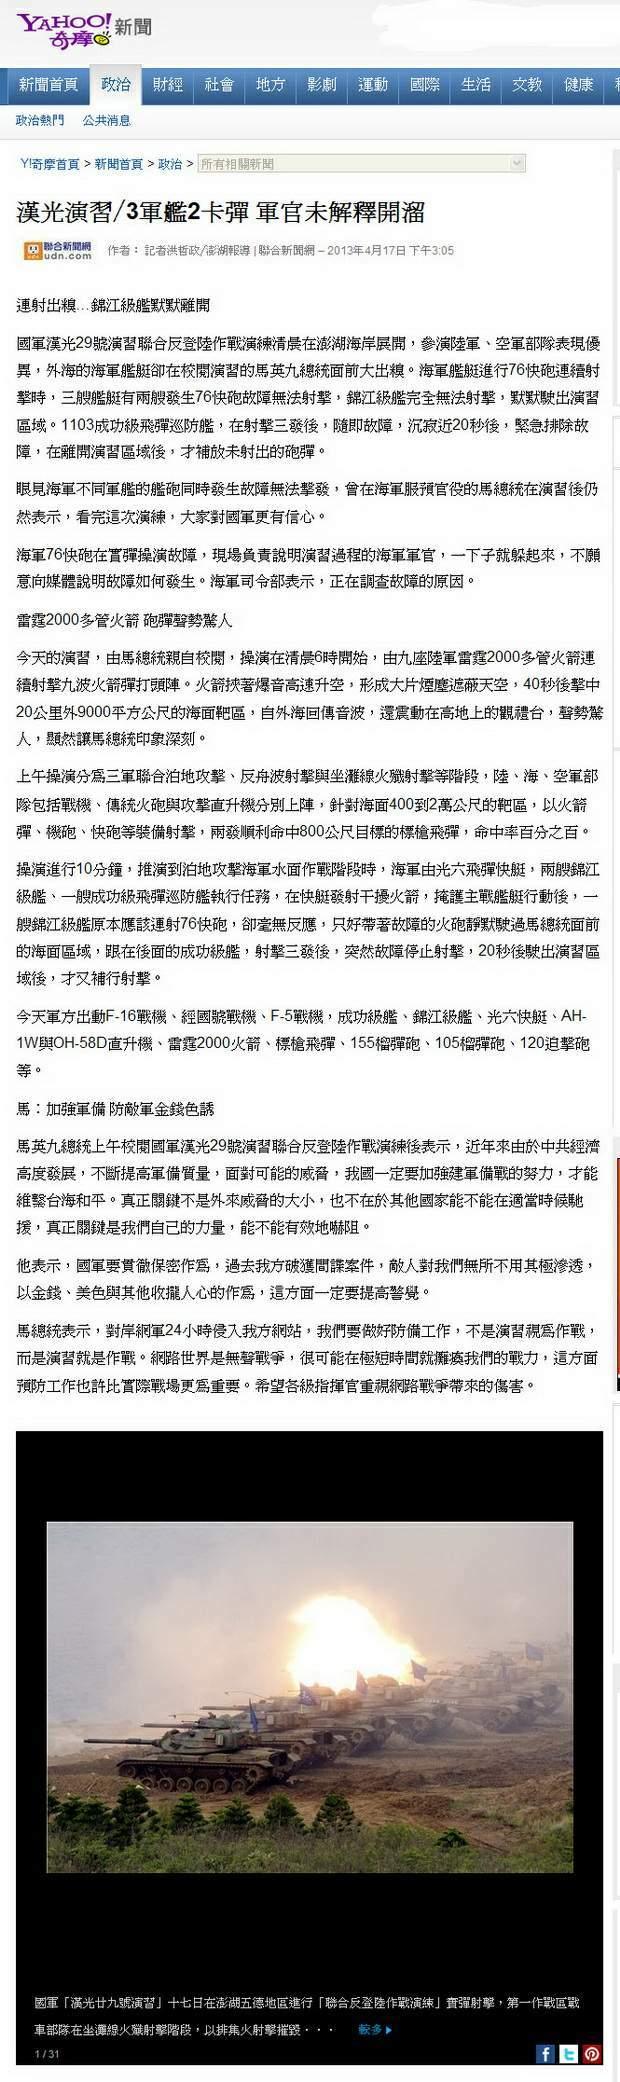 漢光演習╱3軍艦2卡彈 軍官未解釋開溜-2013.04.17-01